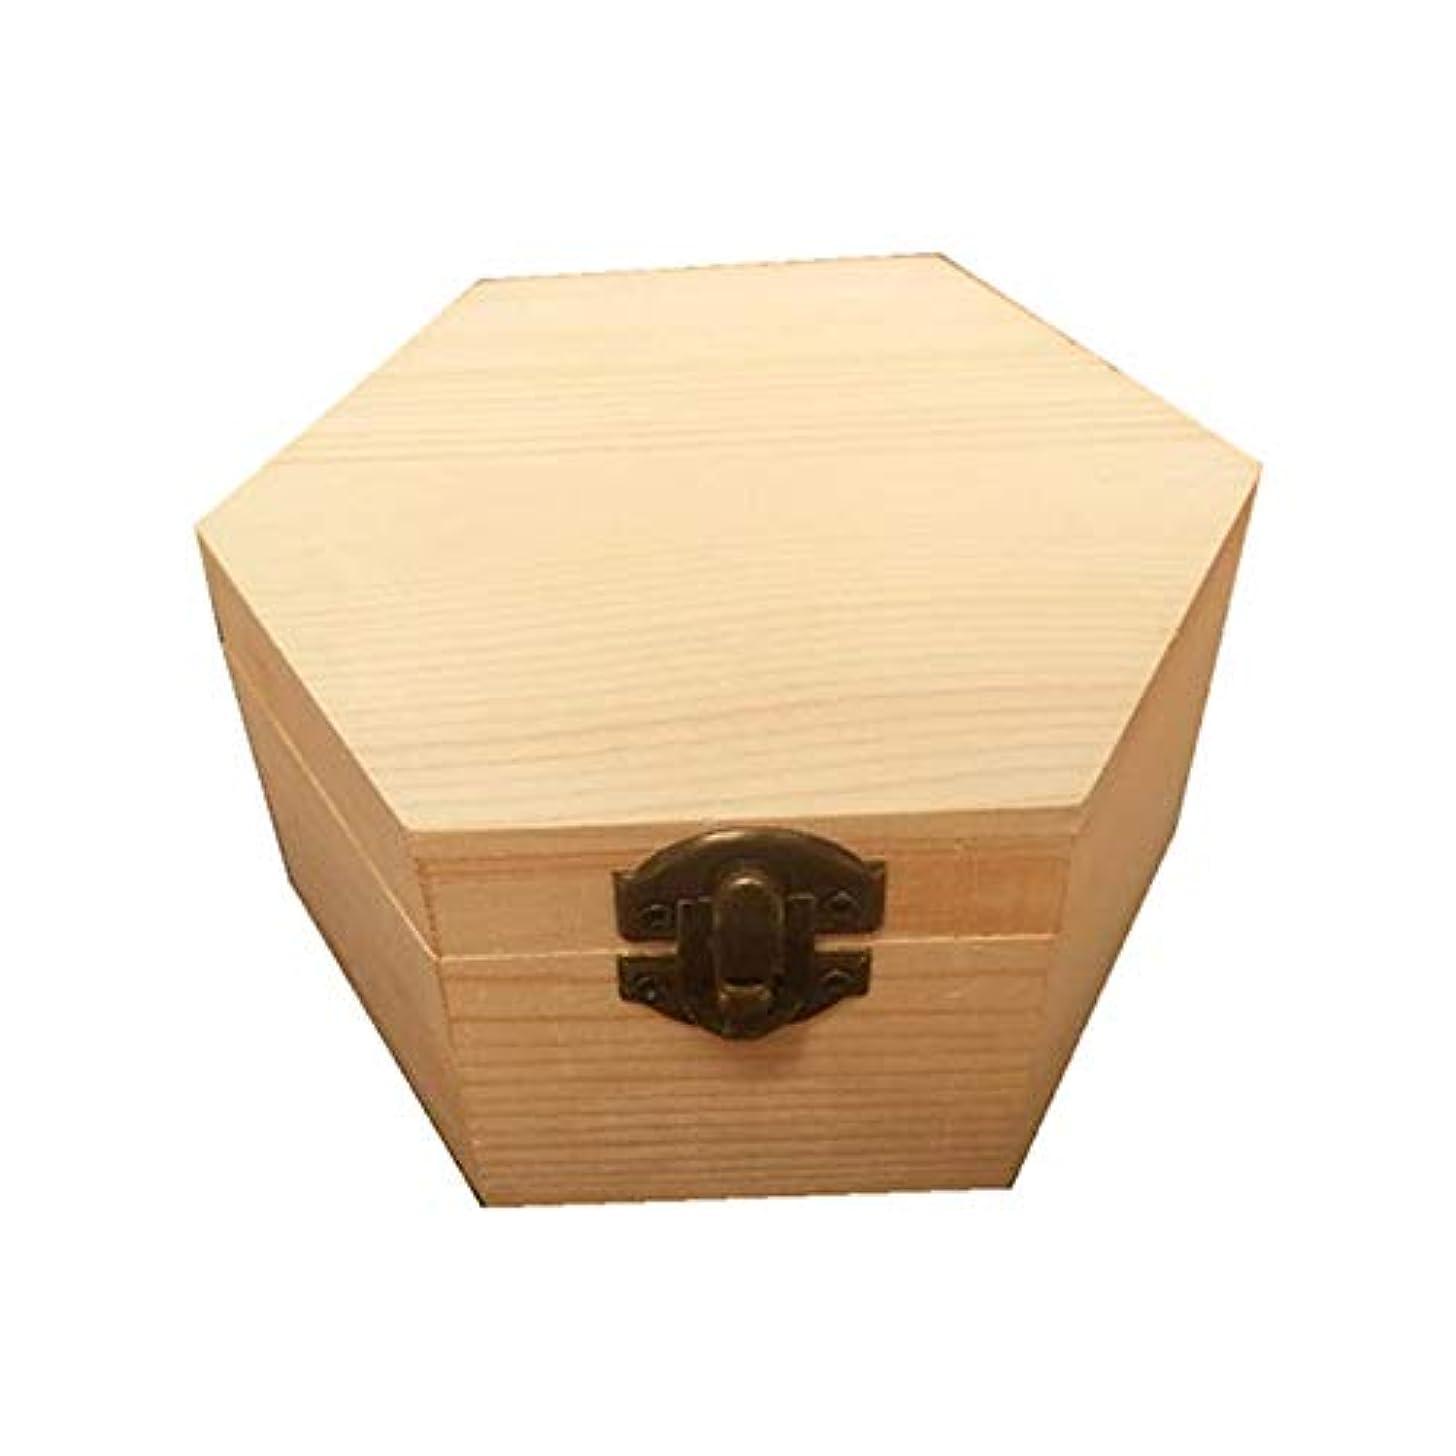 高めるモロニックかすかなエッセンシャルオイルの保管 手作りの木製ギフトボックスパーフェクトエッセンシャルオイルケースにエッセンシャルオイル (色 : Natural, サイズ : 13X11.3X6.8CM)